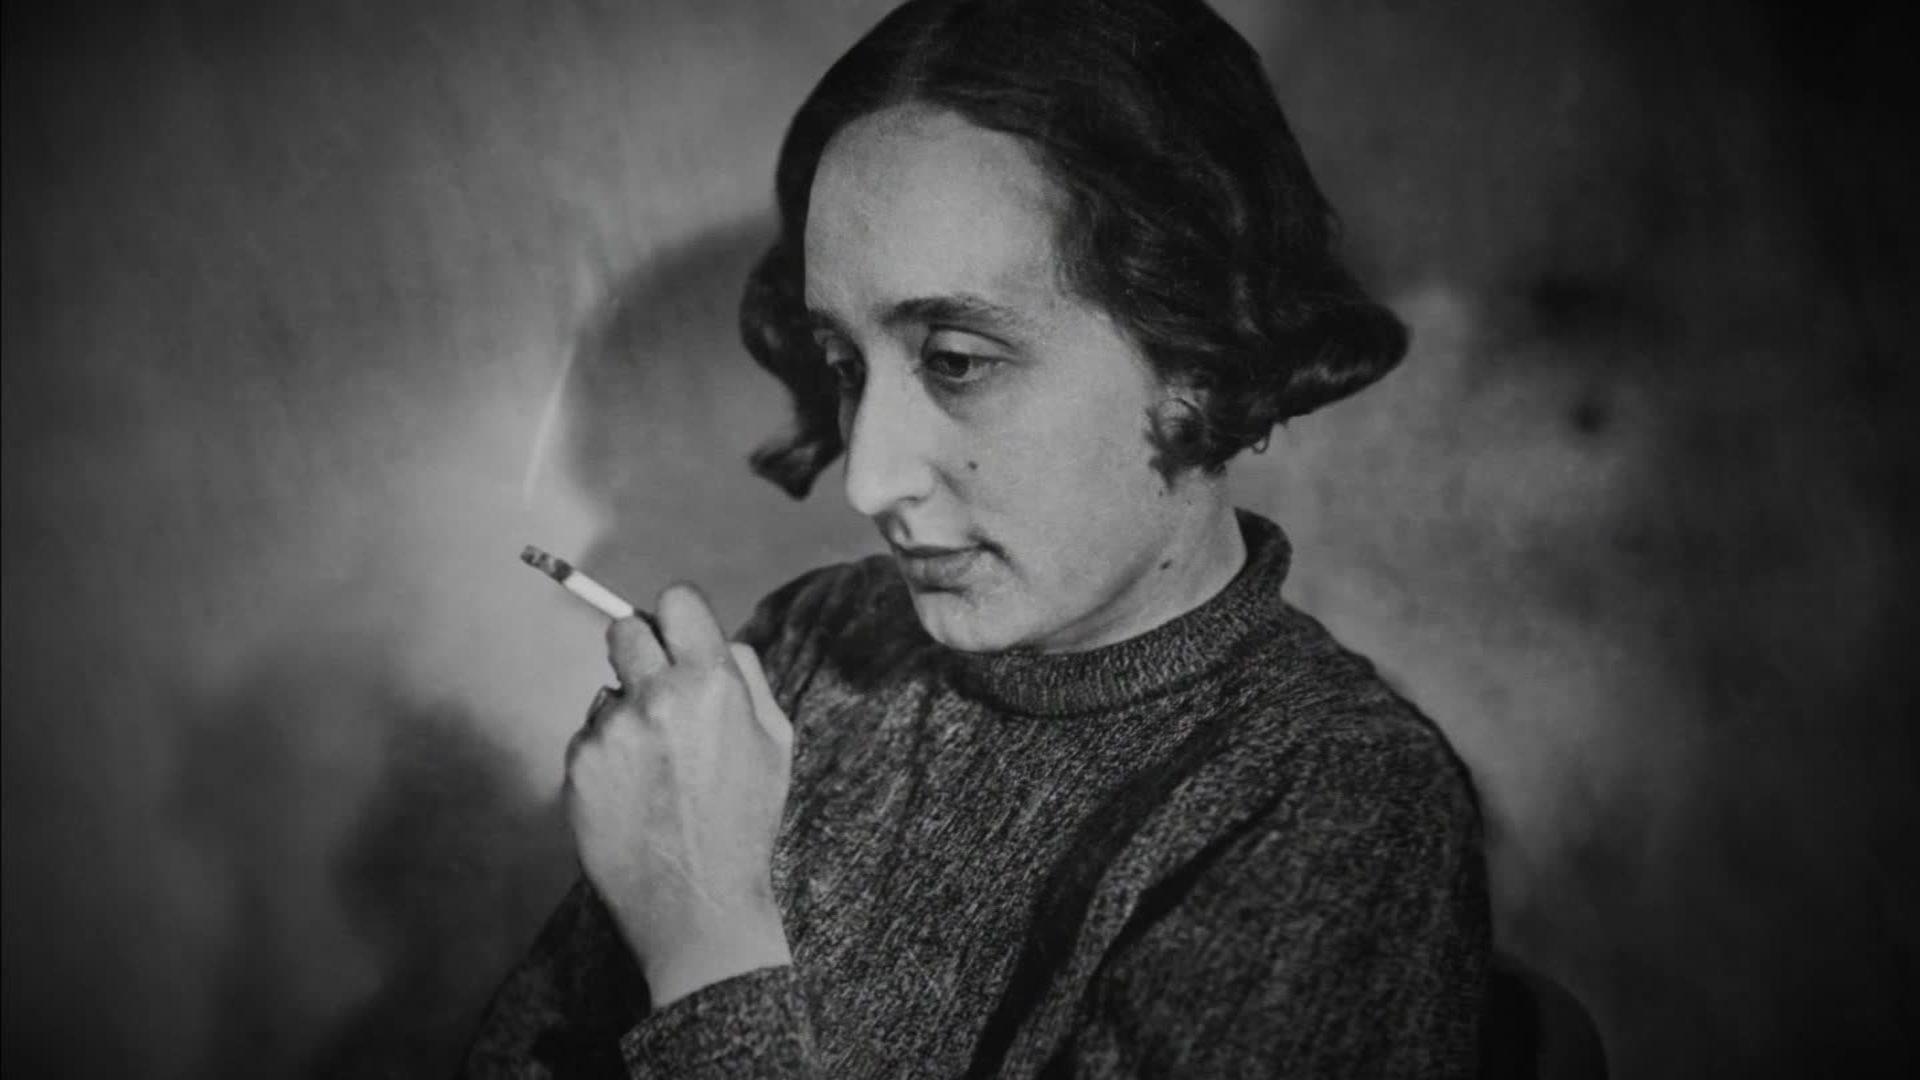 Що потрібно знати про Едіт Тюдор-Харт — жінку, яка змінила хід історії